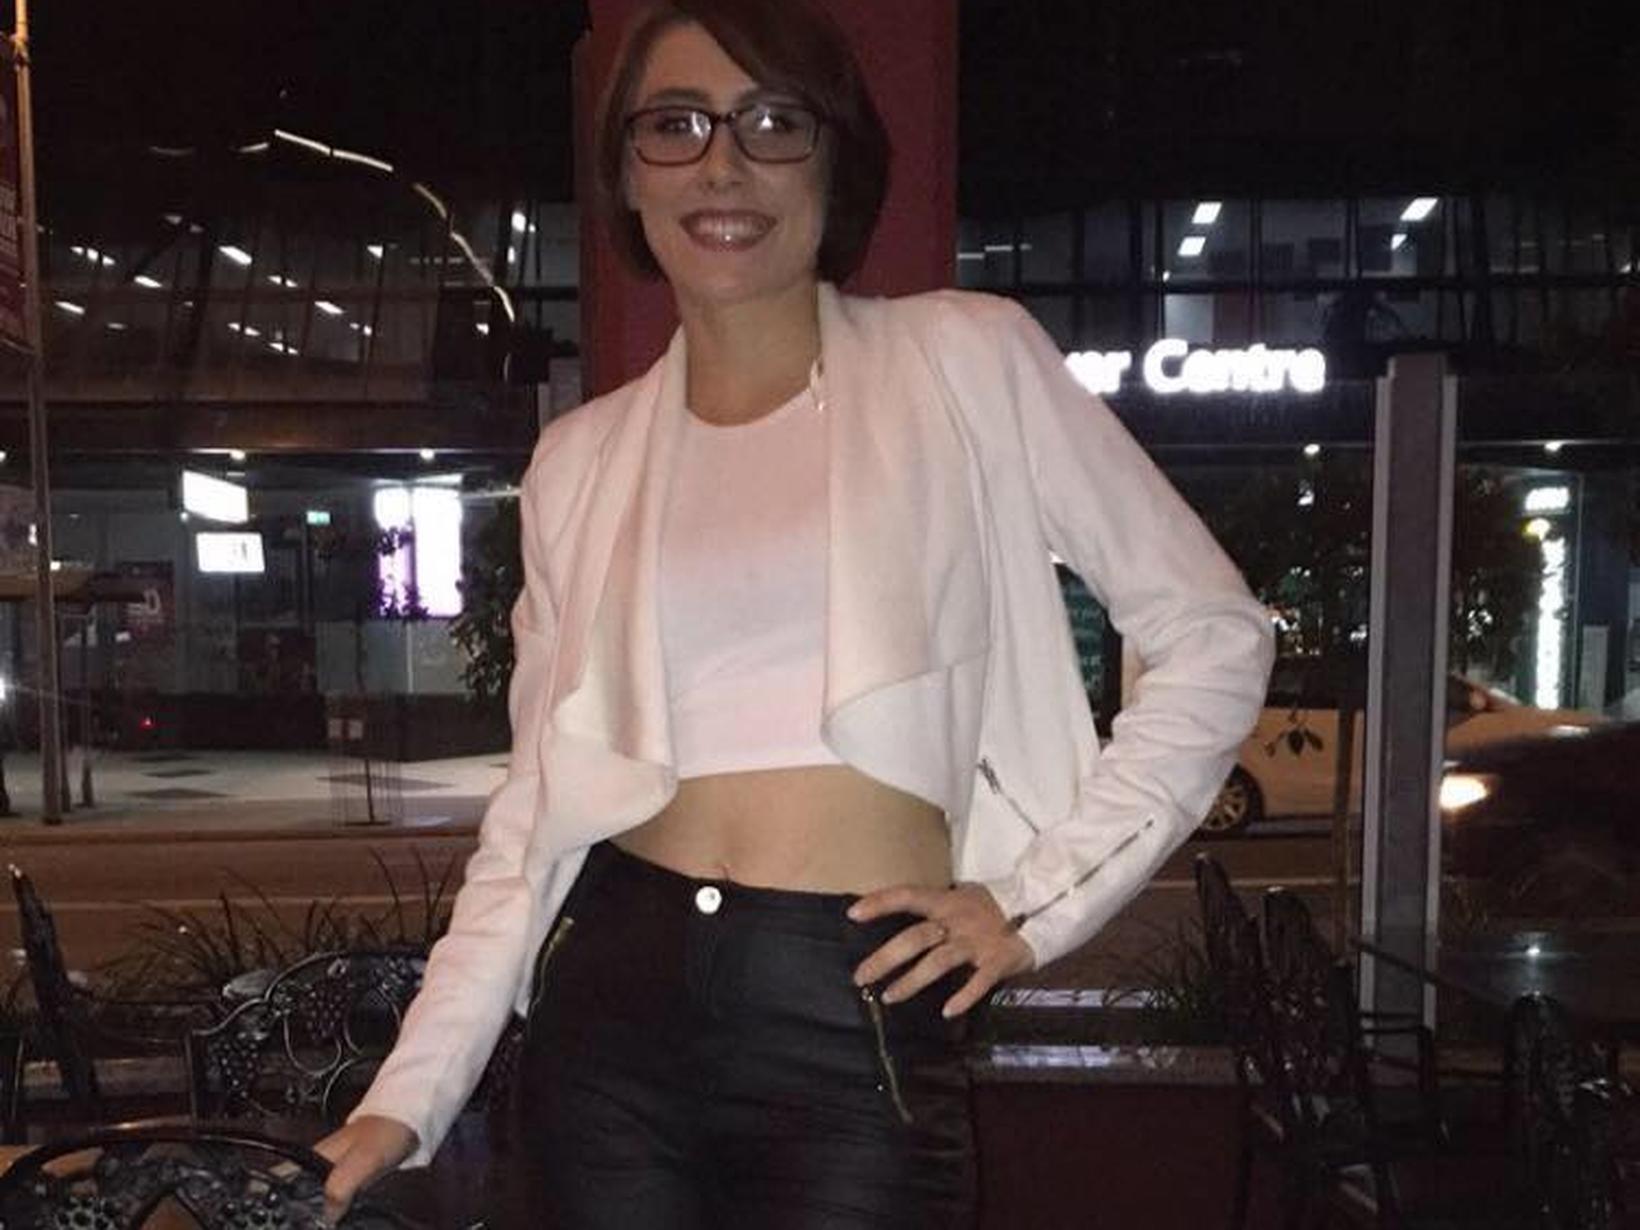 Melissa from Brisbane, Queensland, Australia